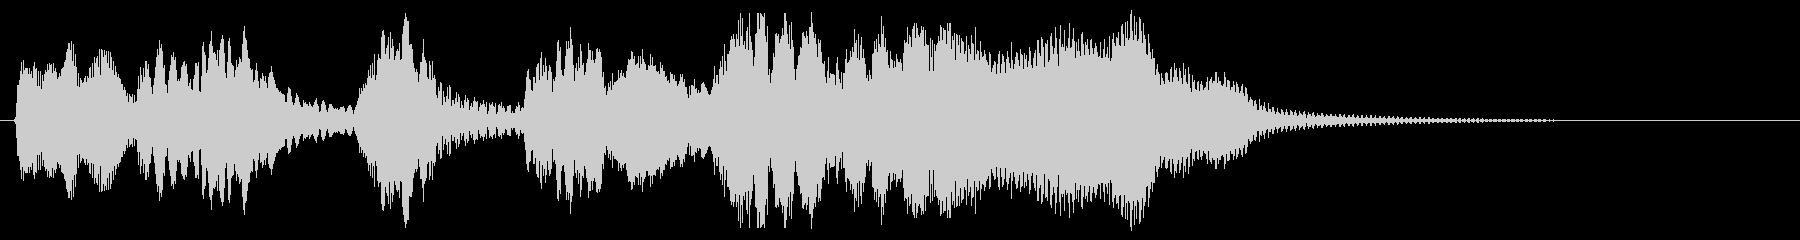 ハッピーバースデー ジングル 口笛の未再生の波形